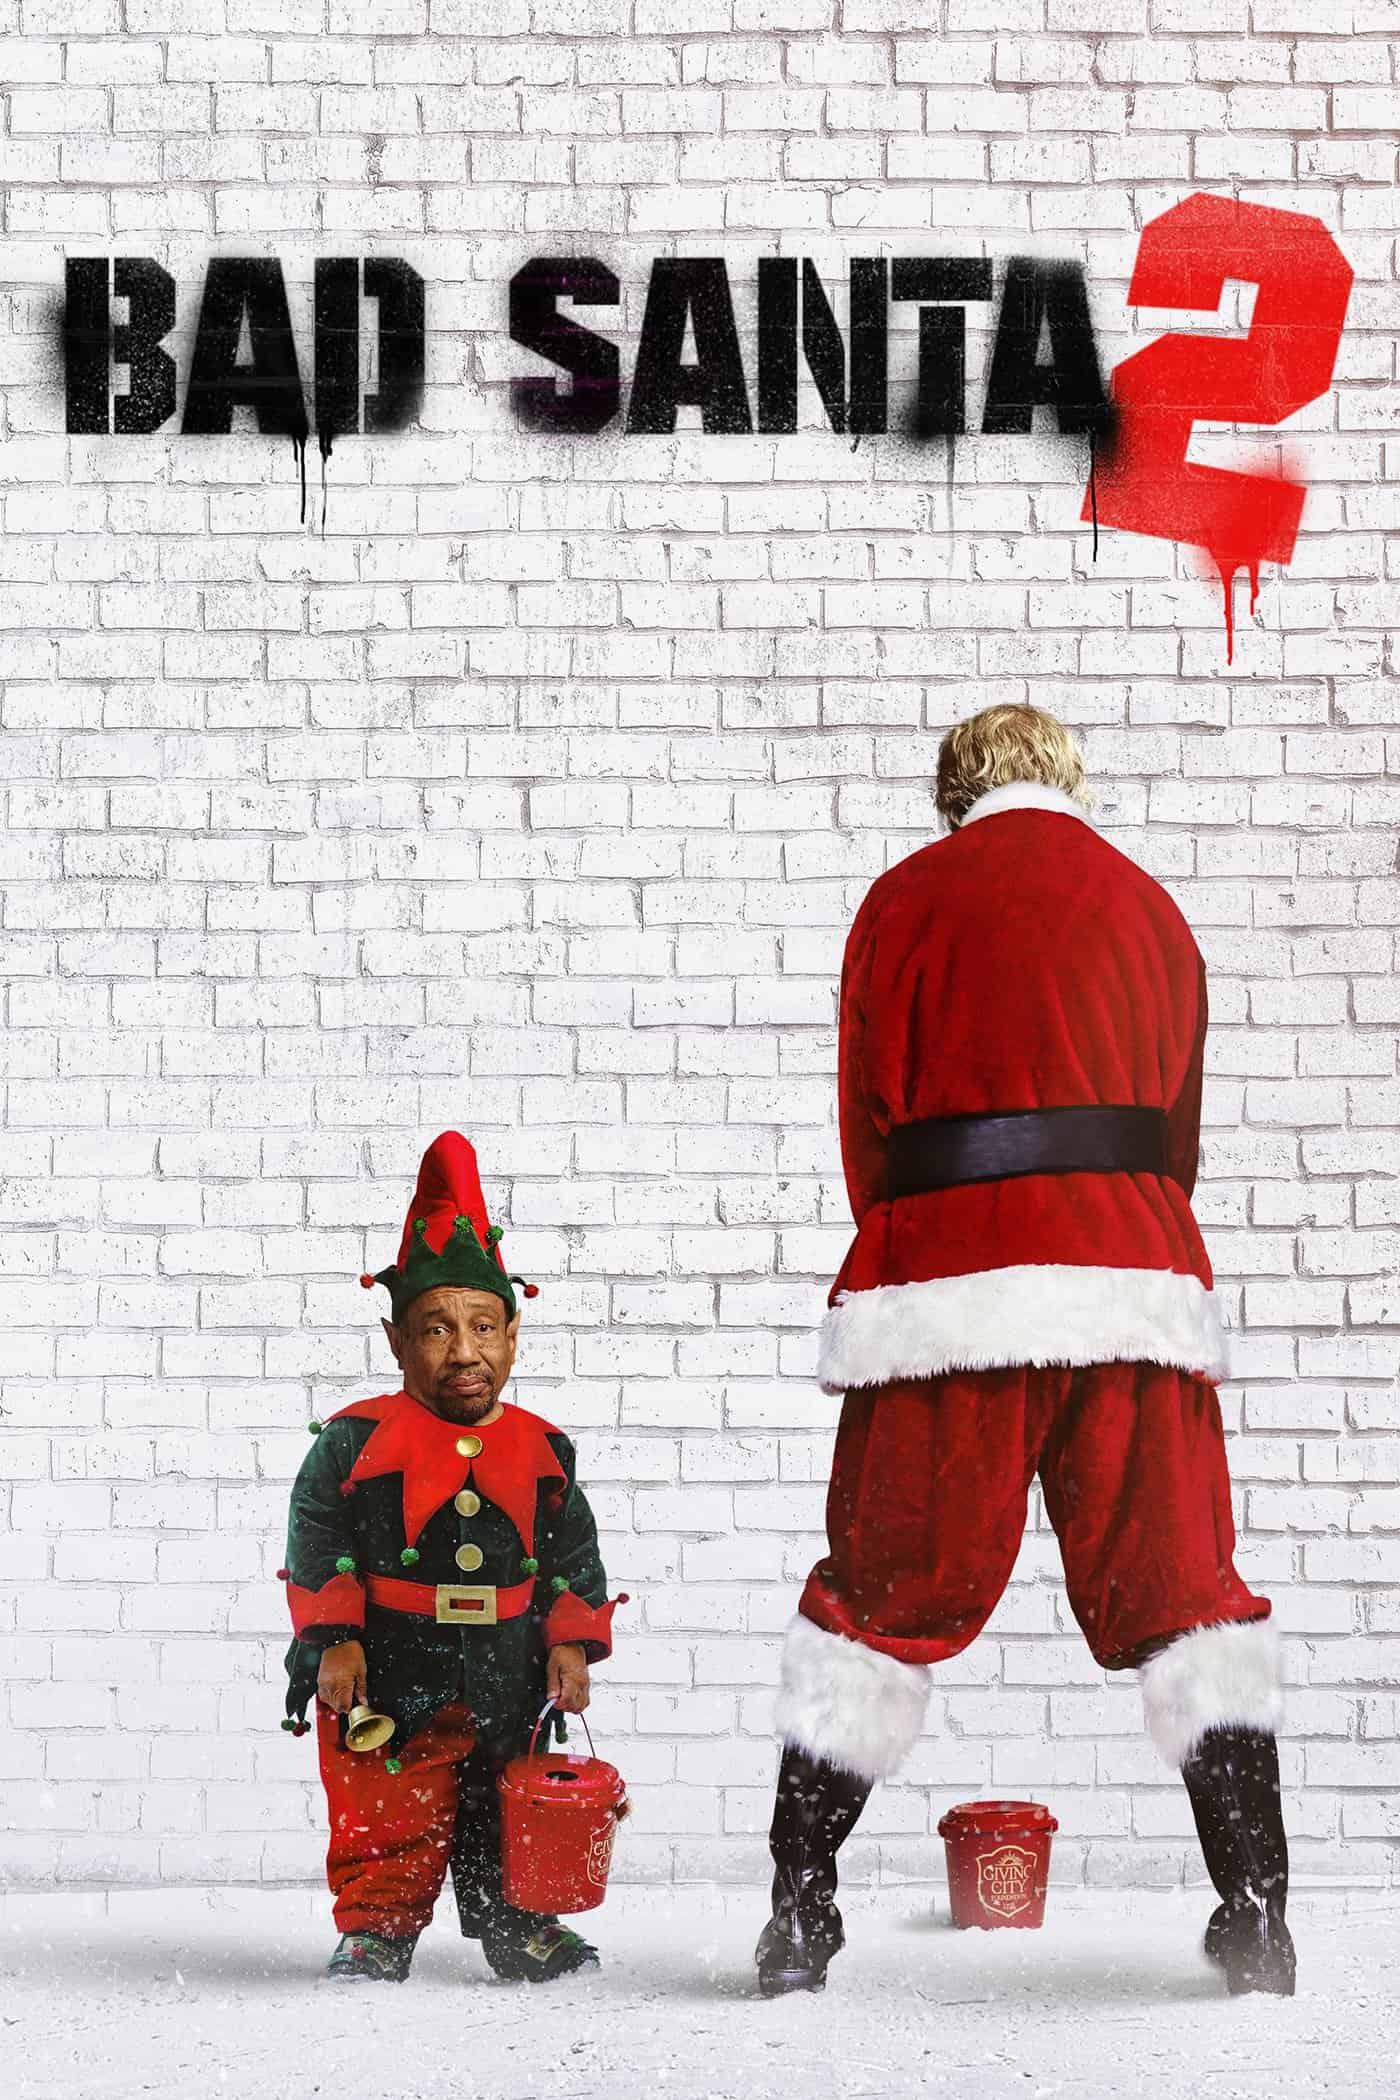 Bad Santa 2, 2016